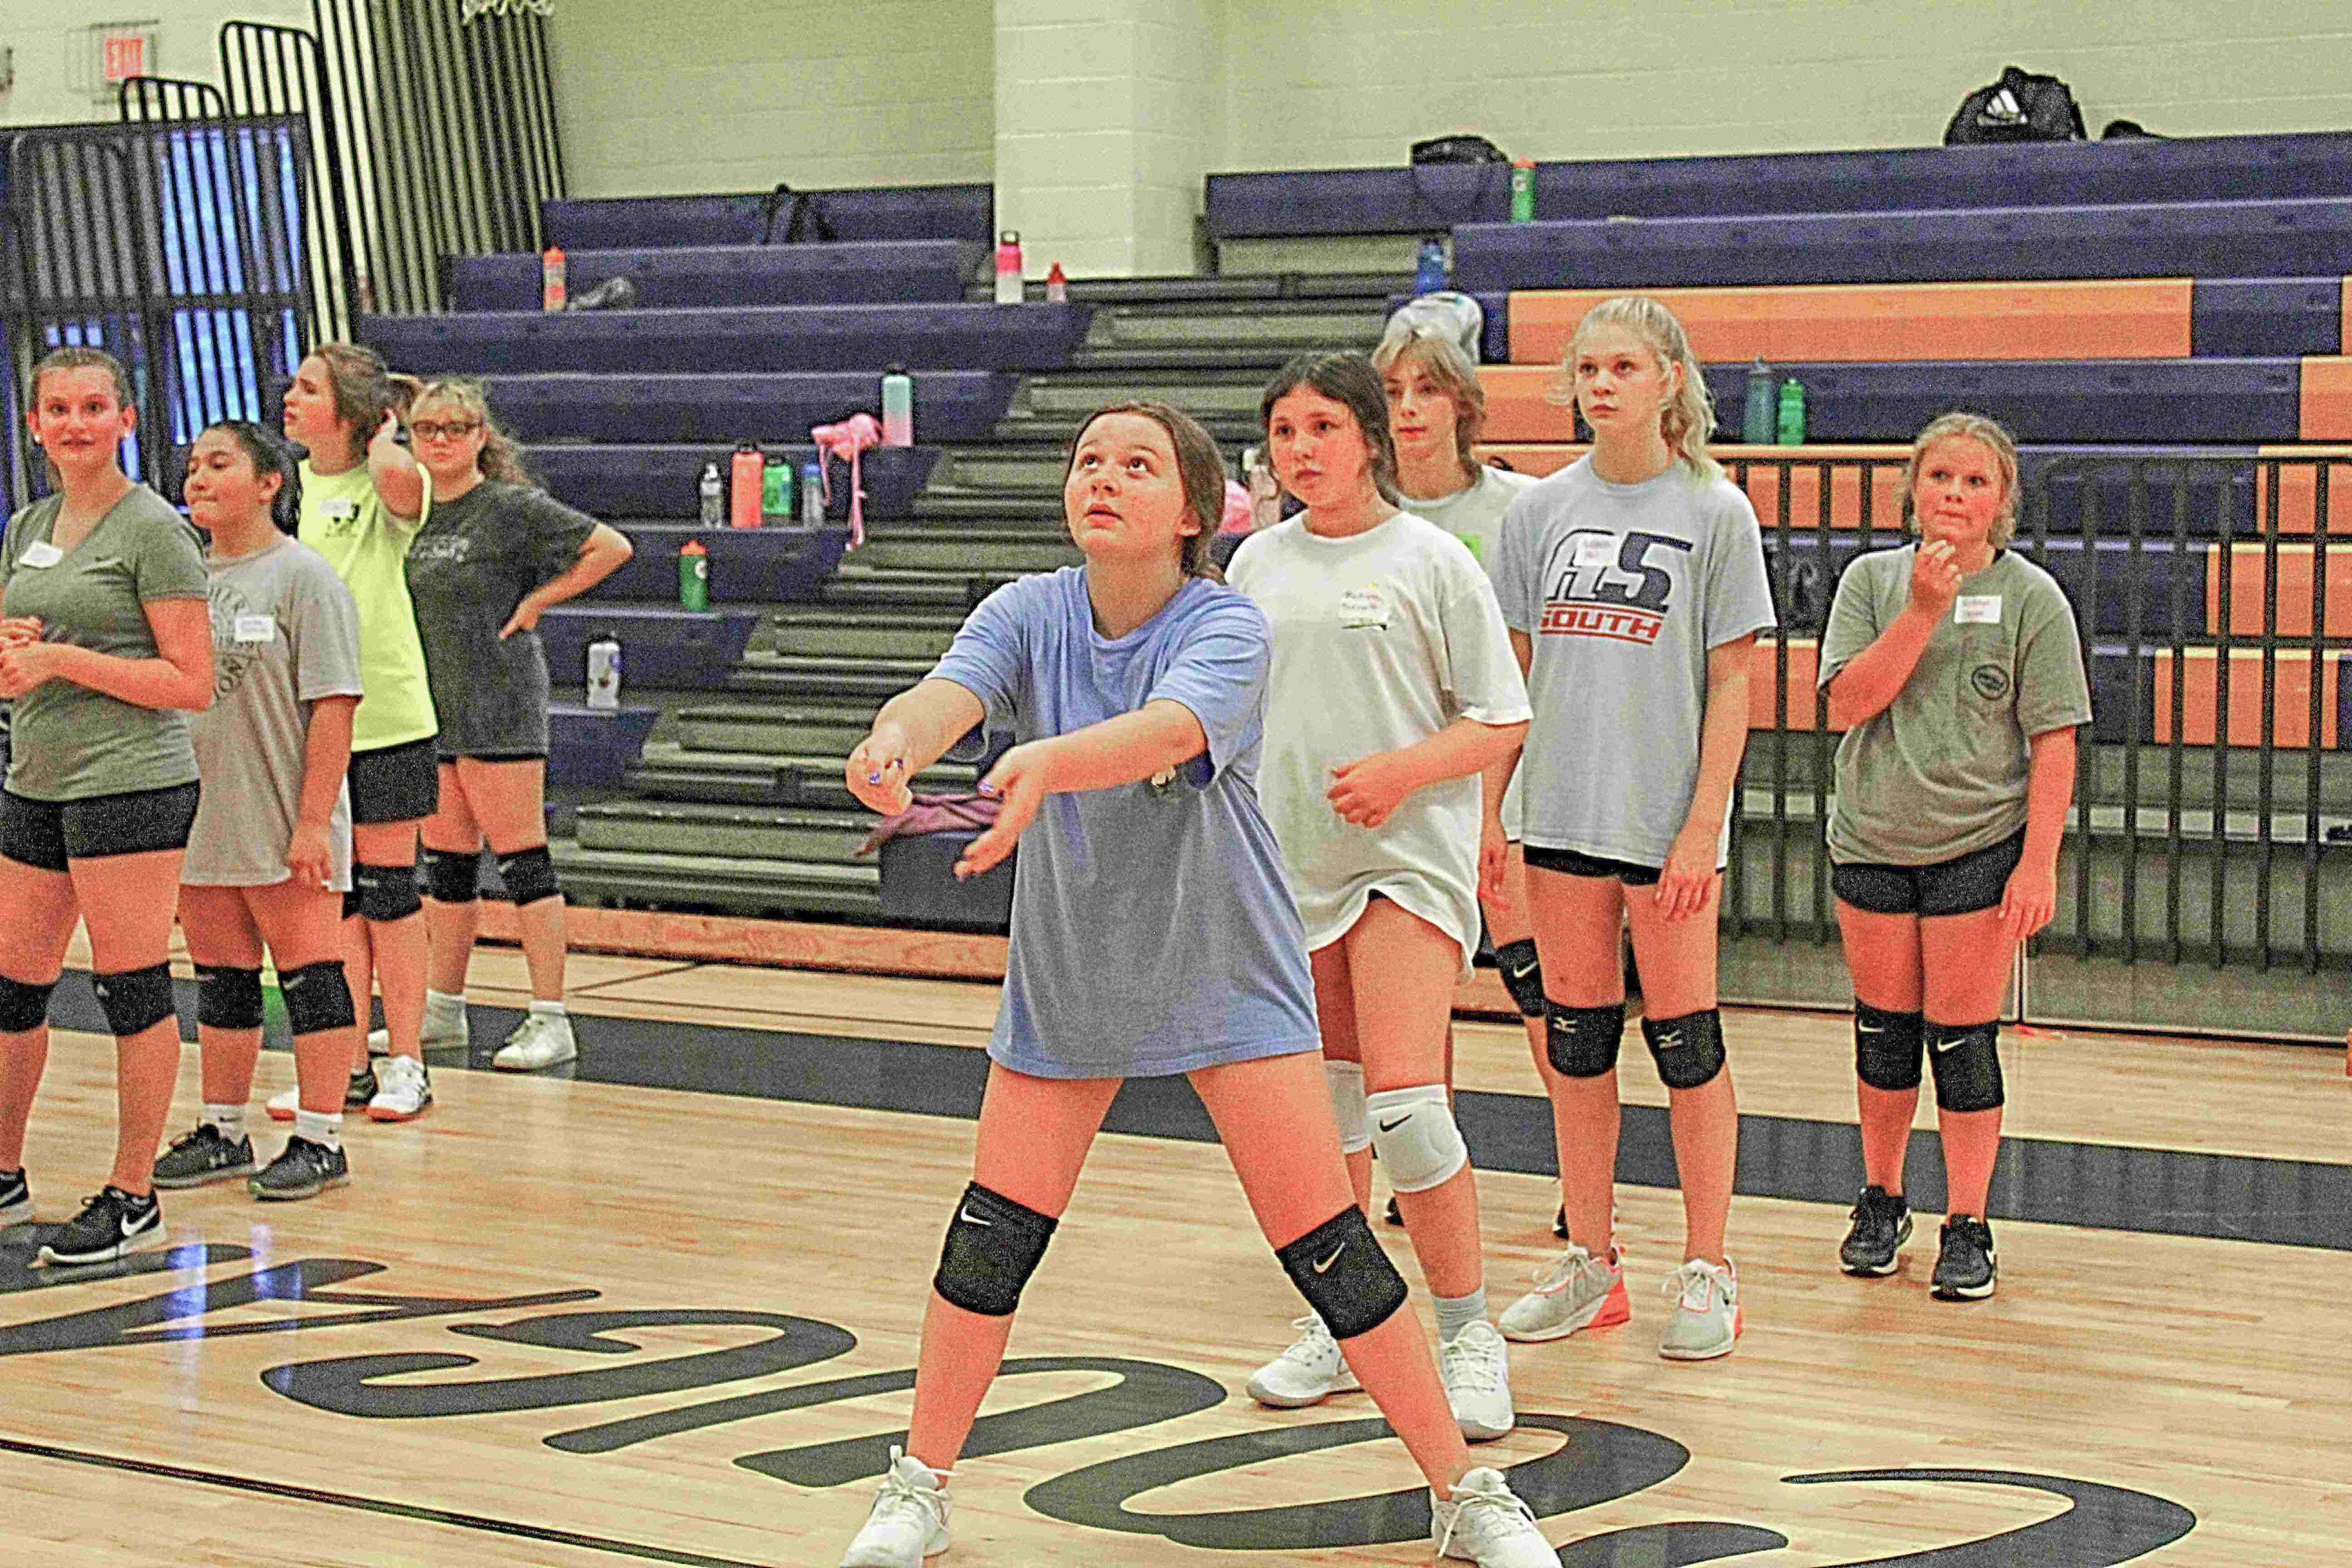 07-21-2021-Newnan-Volleyball-Camp-013.jpg?mtime=20210720173302#asset:63575